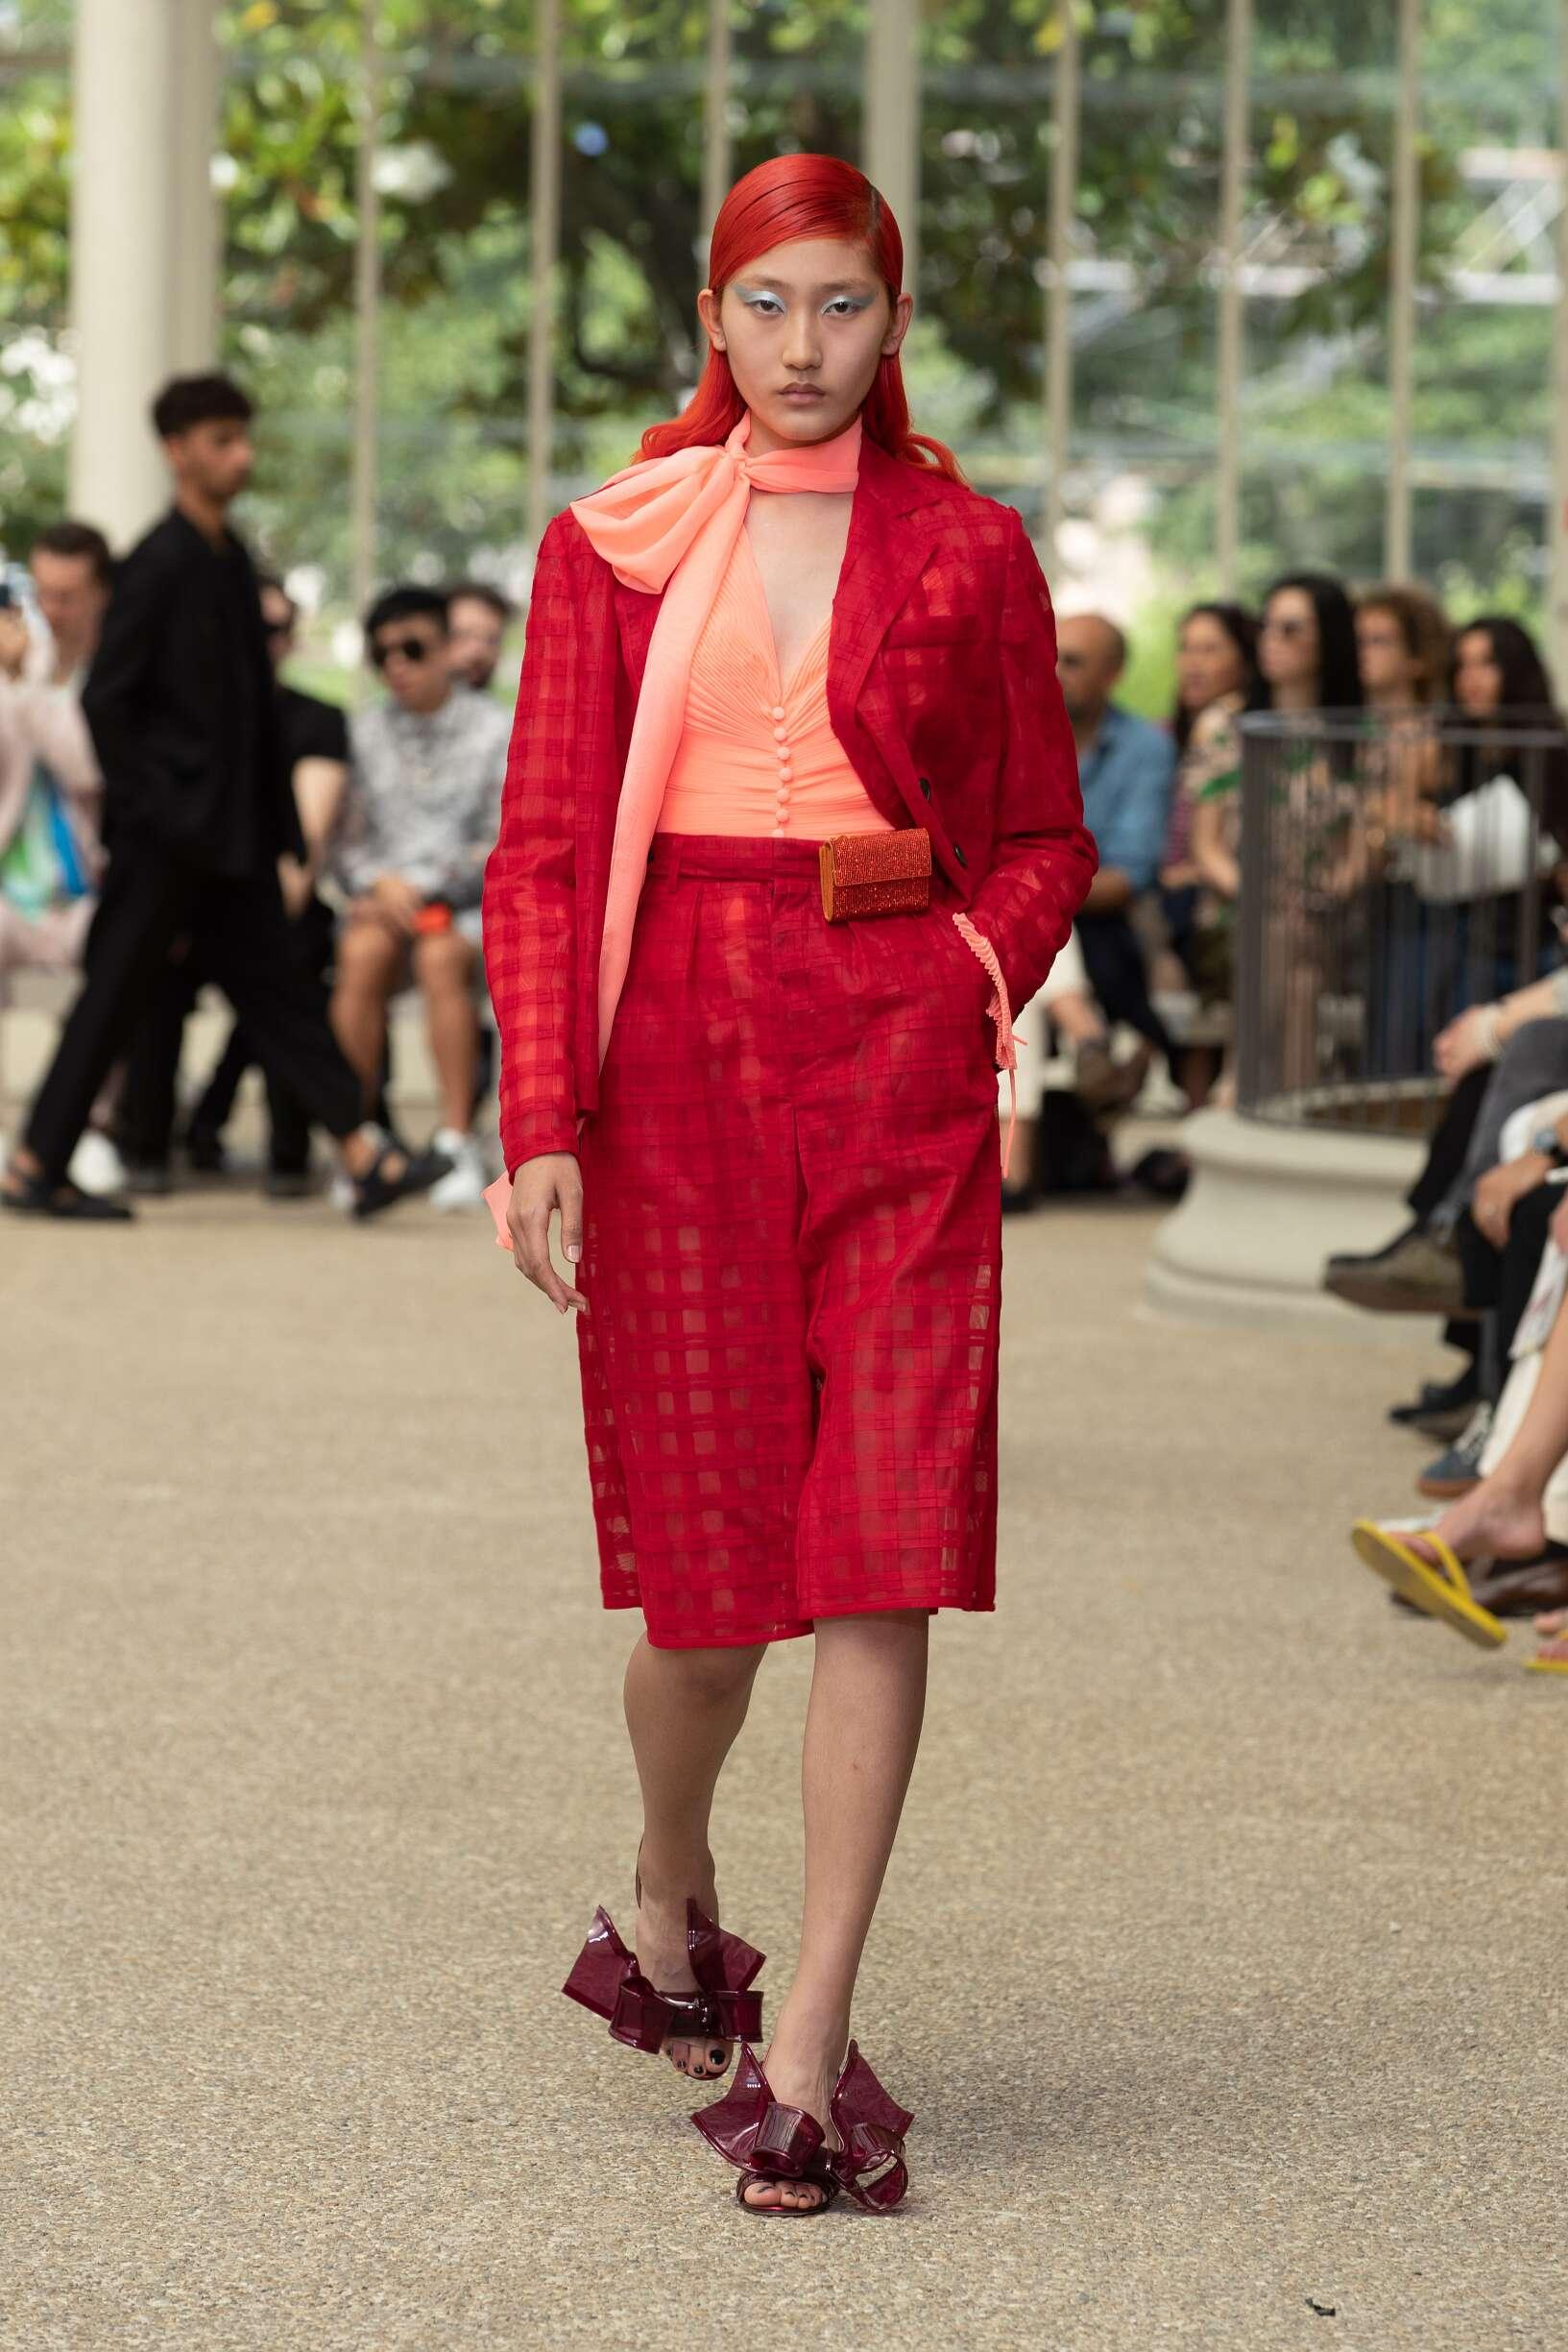 Fashion Woman Model Marco De vincenzo Catwalk